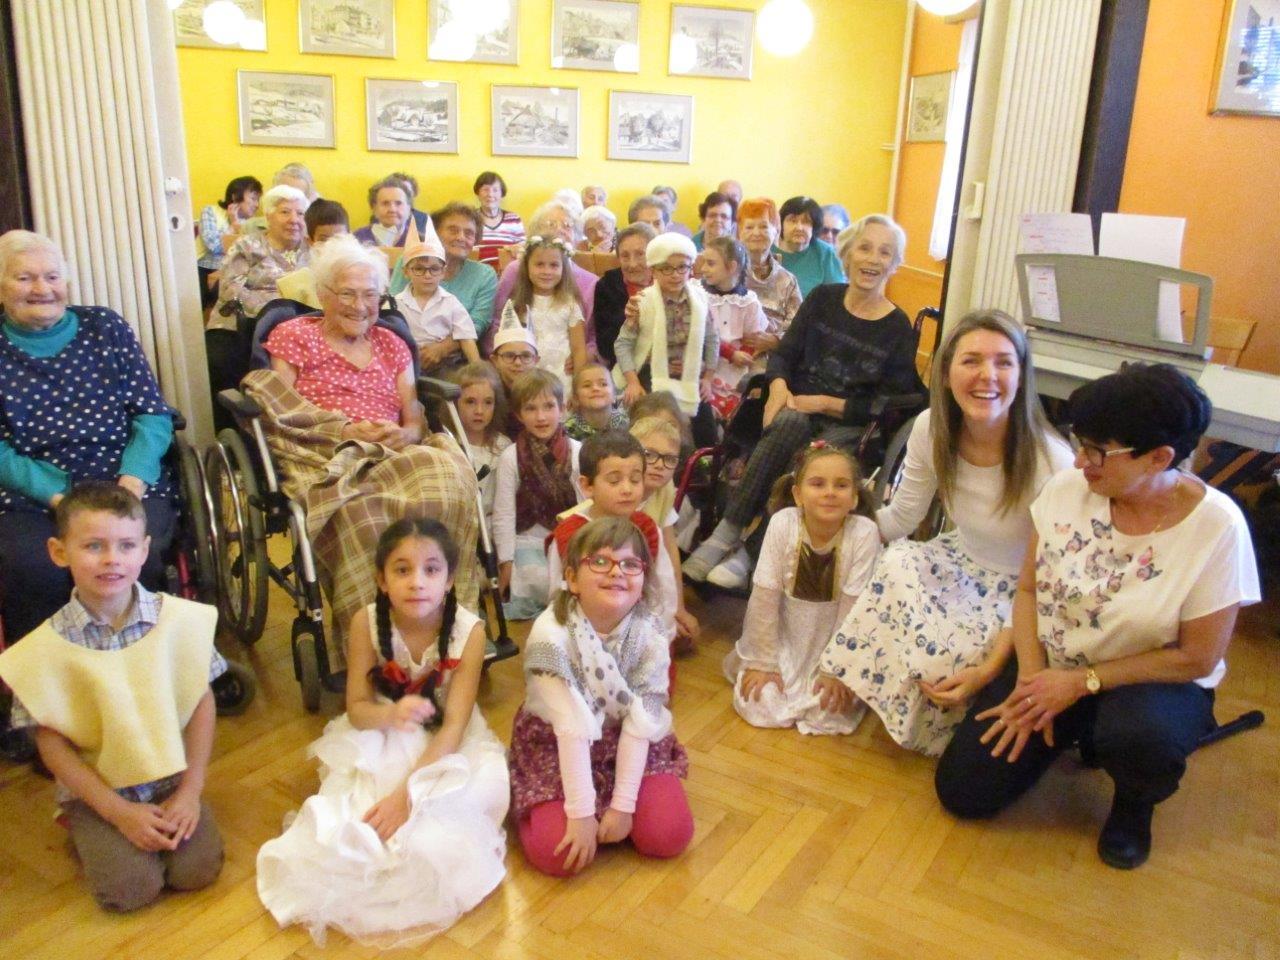 Vánoční vystoupení dětí z MŠ Alšova v Domově pro seniory Marie